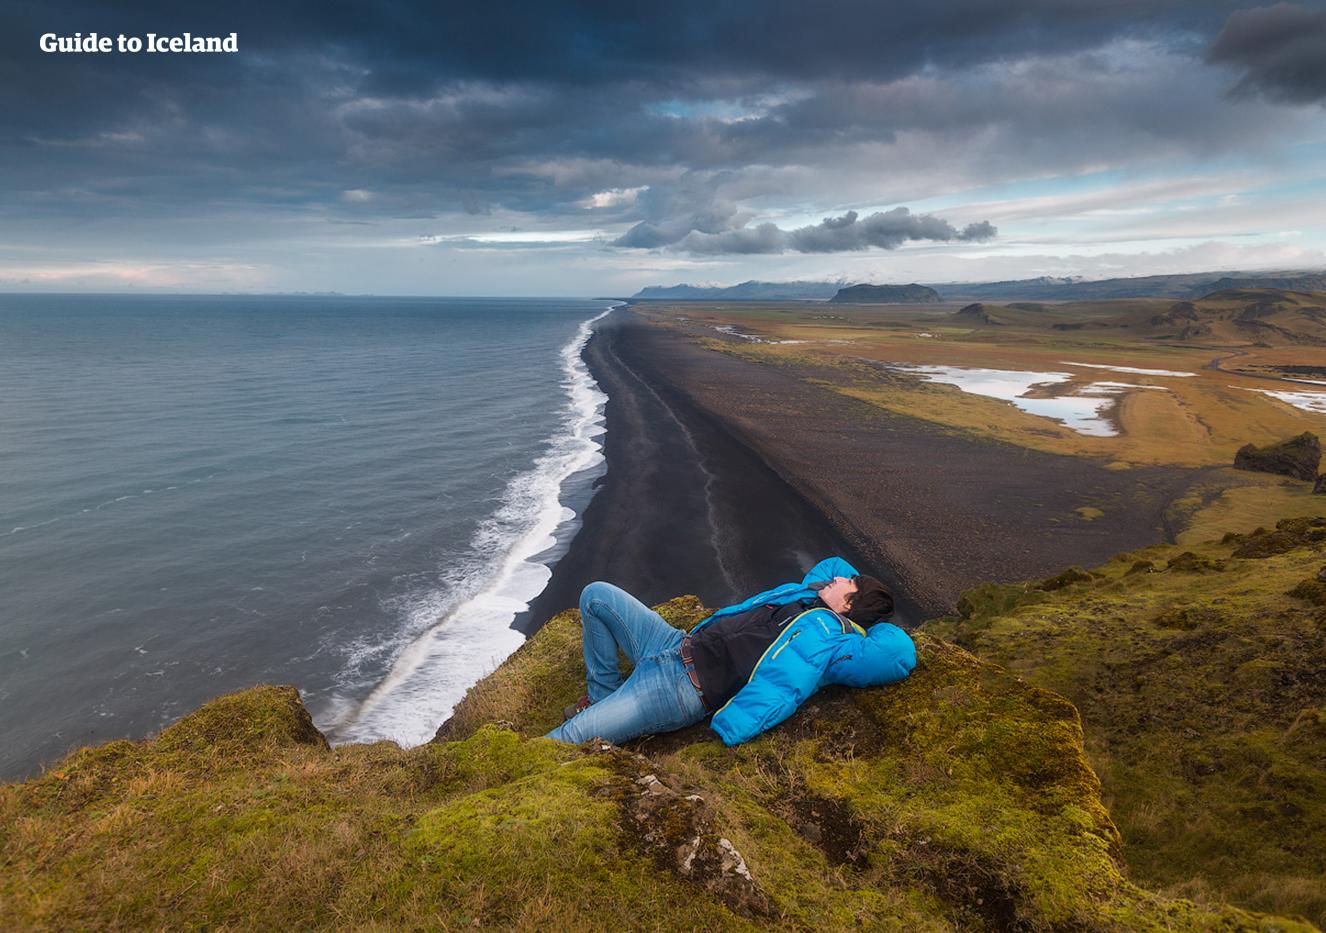 Durante la marea alta, las olas en Reynisfjara pueden extenderse hasta la playa, lo que representa un peligro para los visitantes.